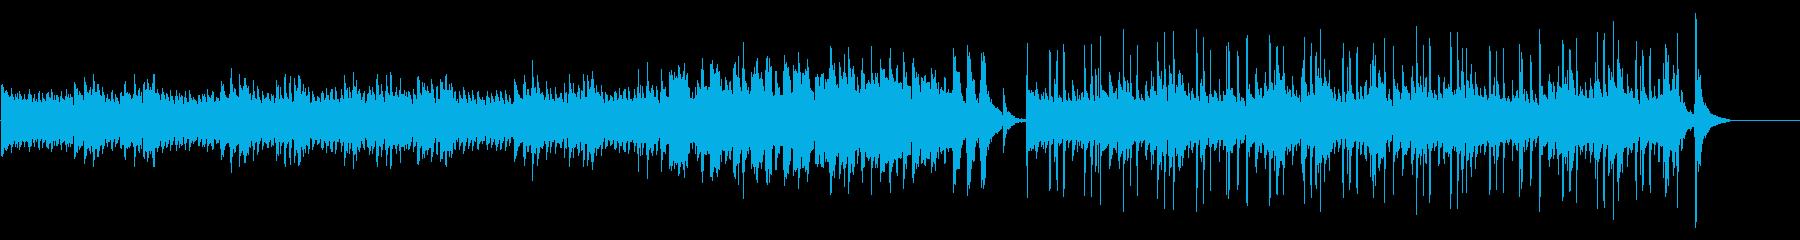 優しくほのぼのした日常BGMの再生済みの波形